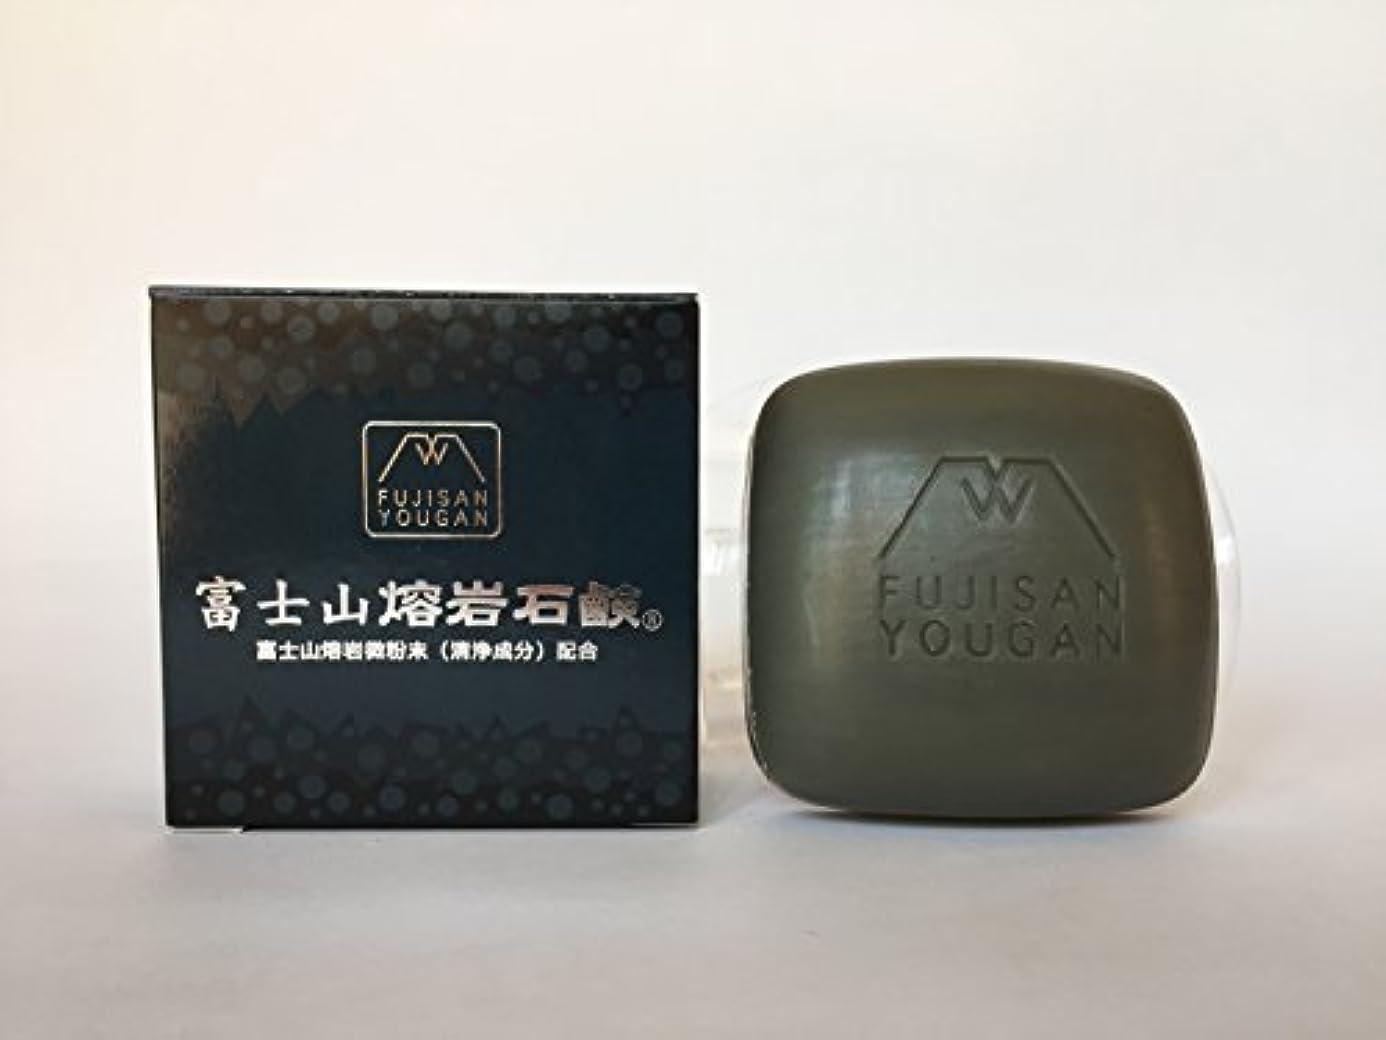 補足聴覚貧しい富士山溶岩石鹸 100g/個×2個セット